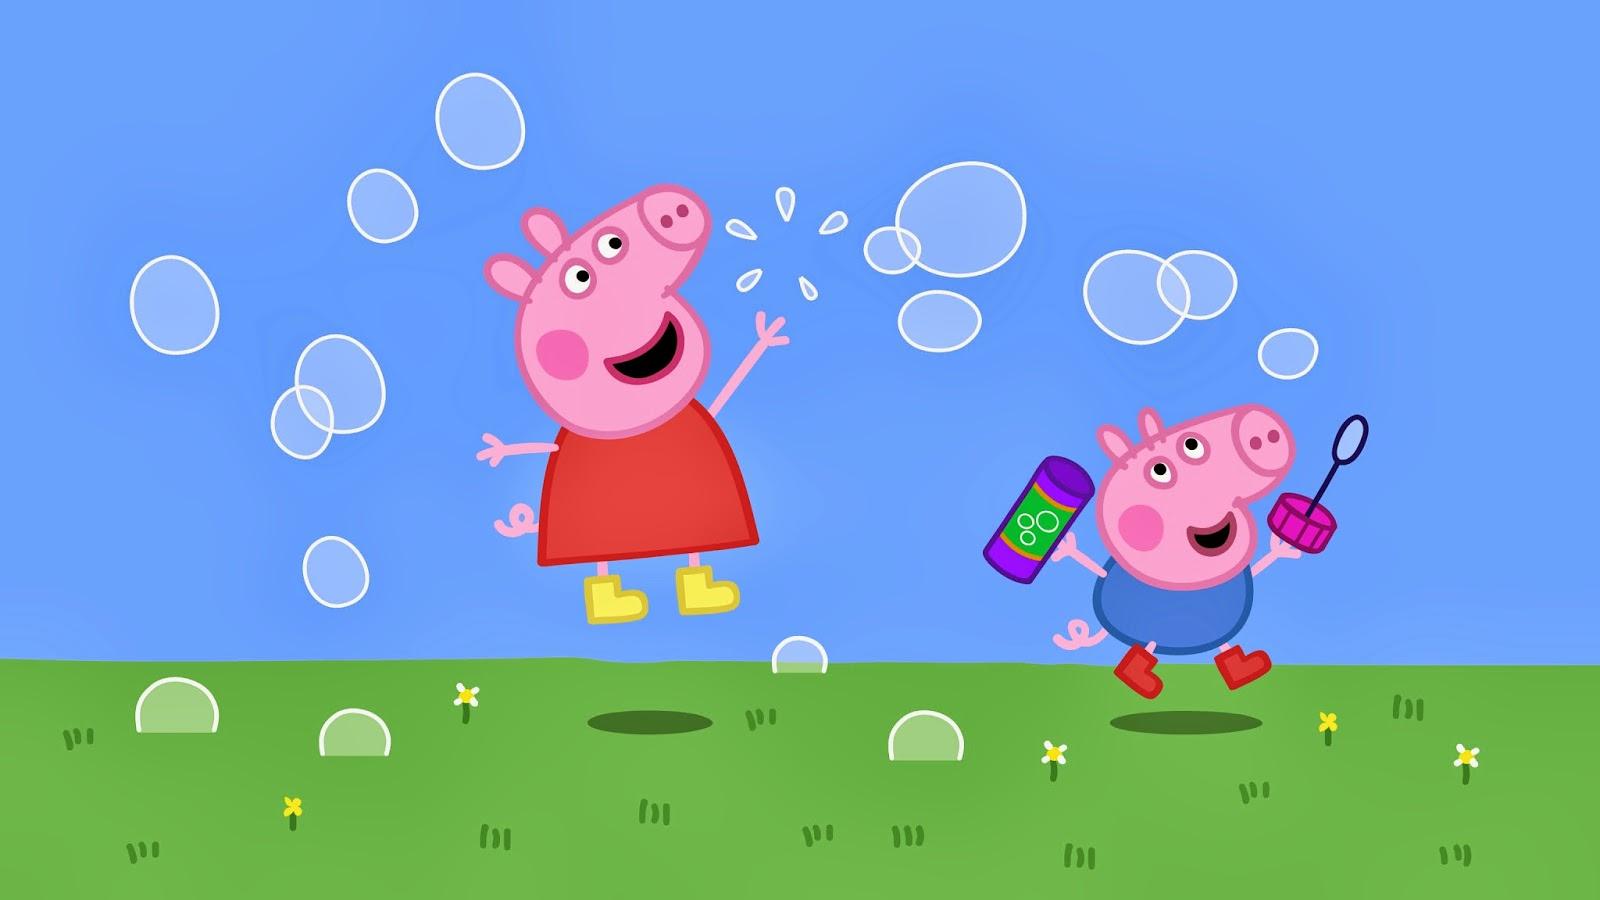 Supermodding Peppa Pig italiano in streaming e download gratis 1600x900